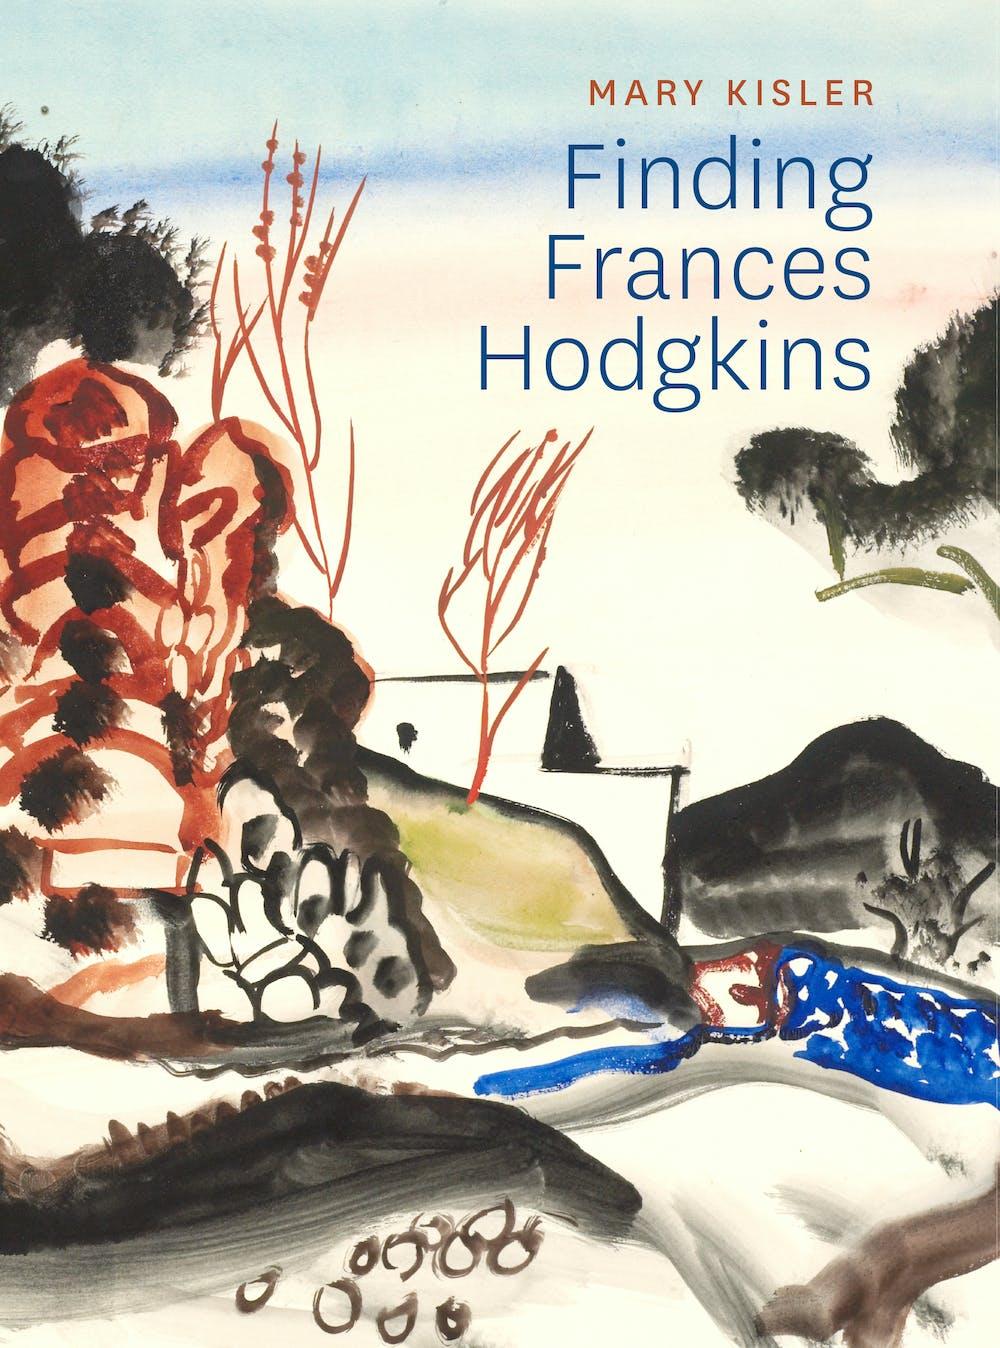 Finding Frances Hodgkins Image 1